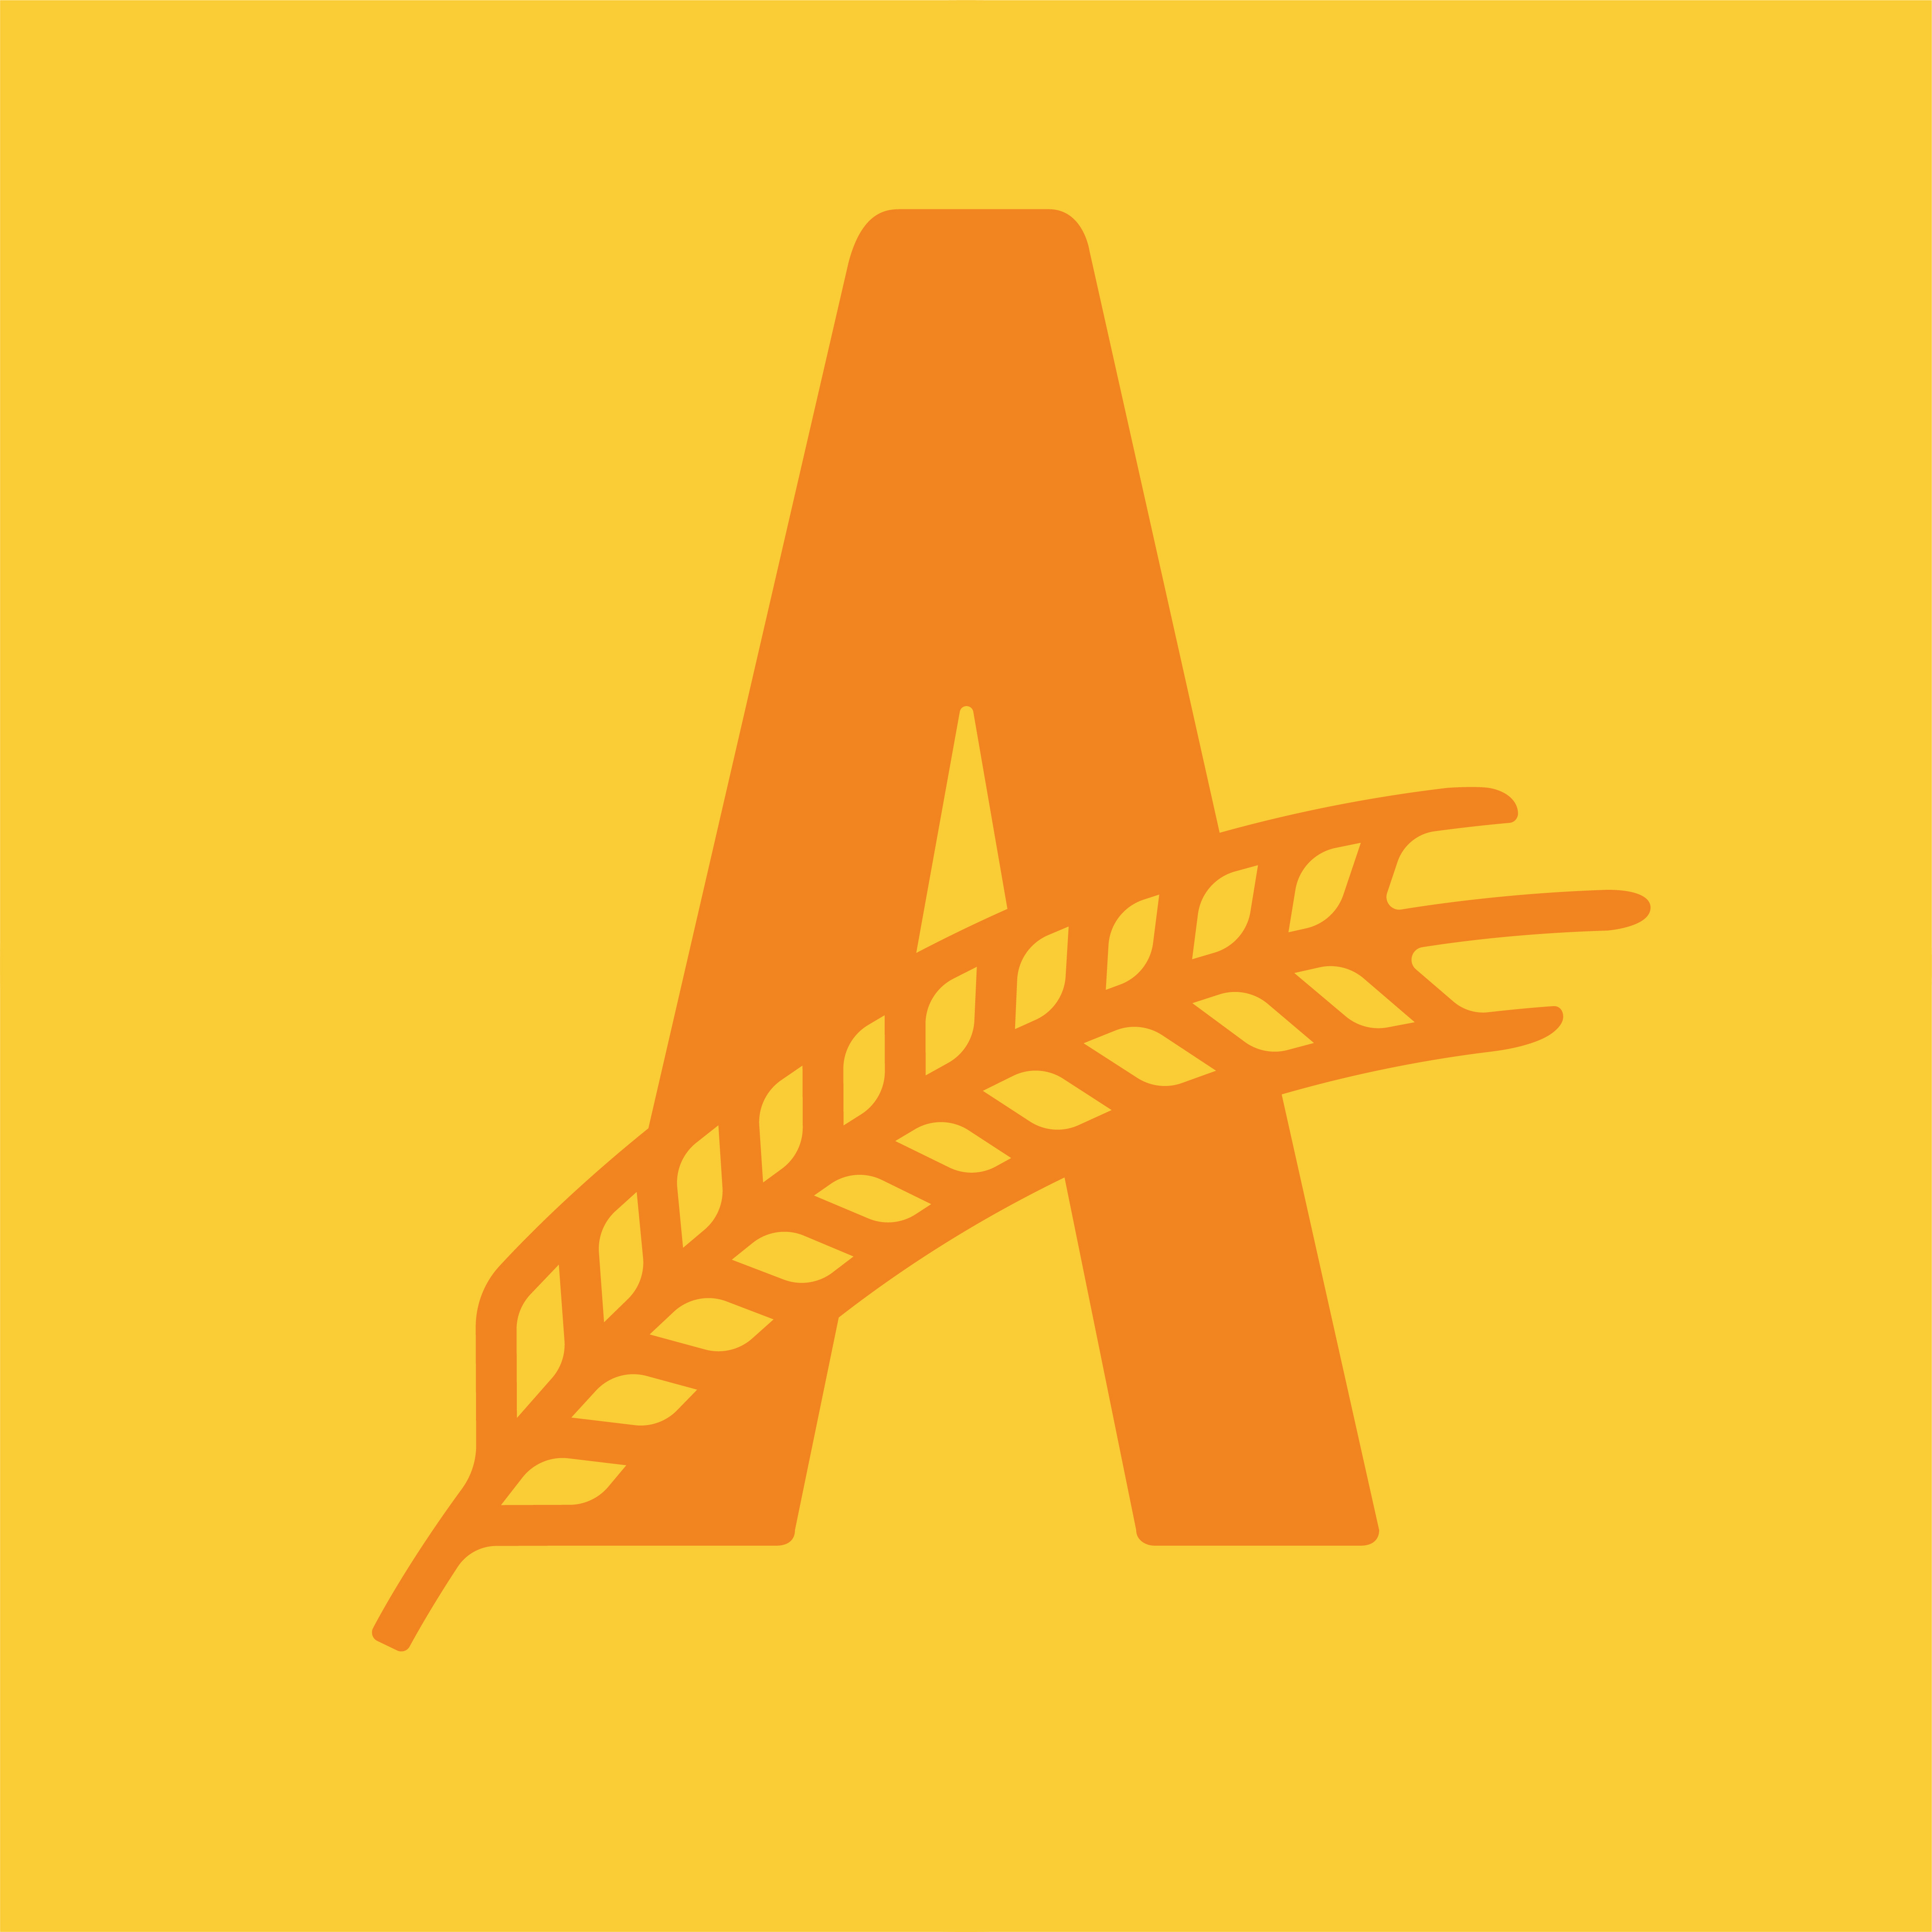 Abc logo new 032018 06 for social